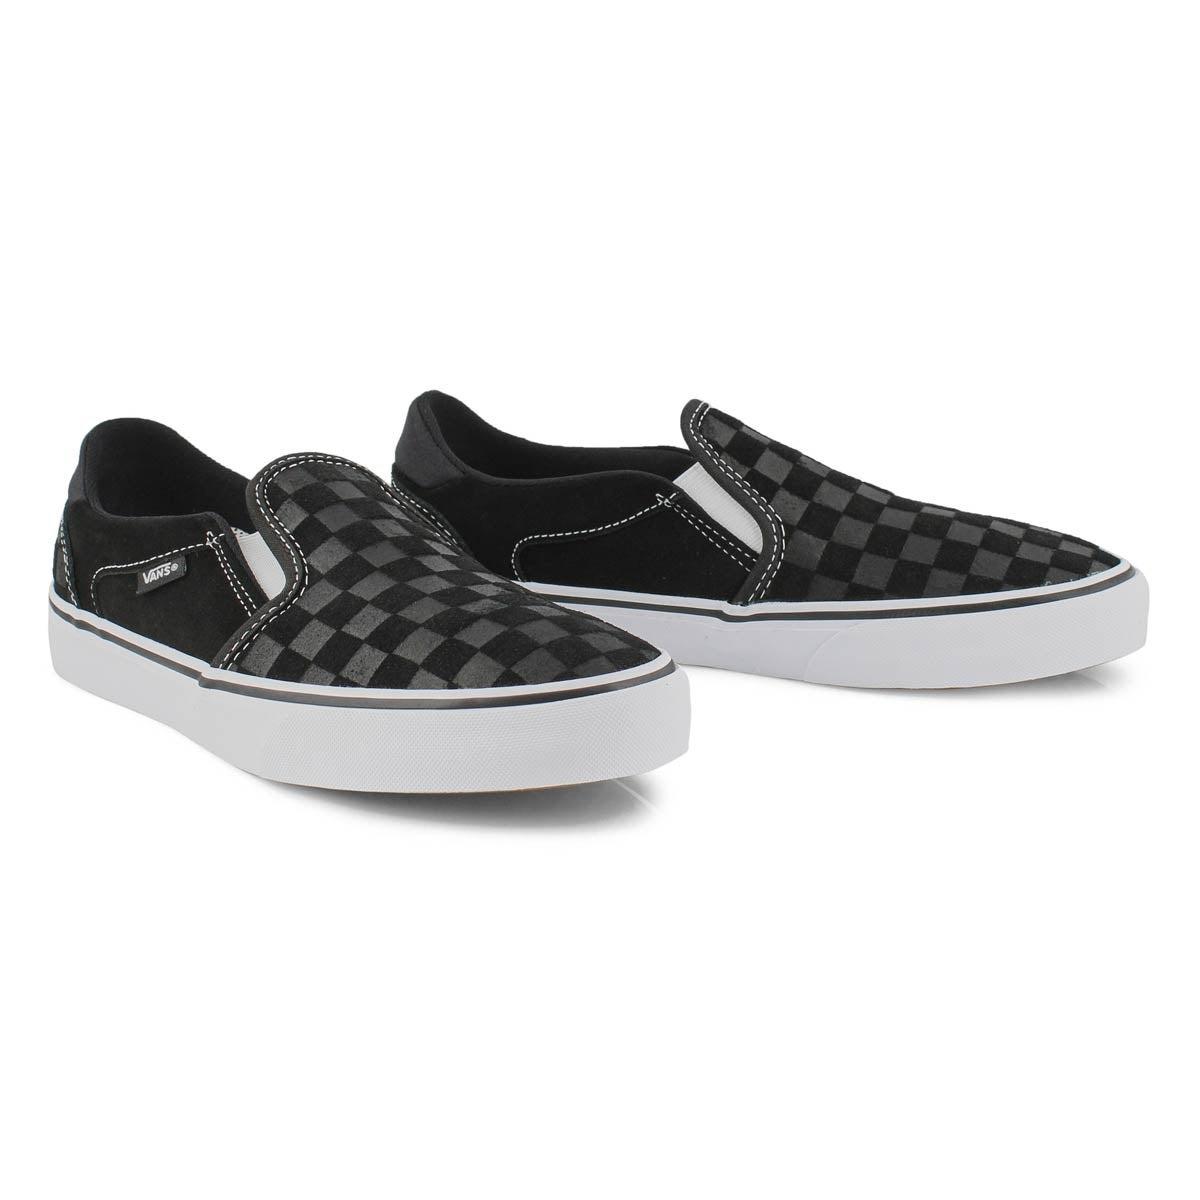 Women's Asher Deluxe Sneaker - Black Checkered